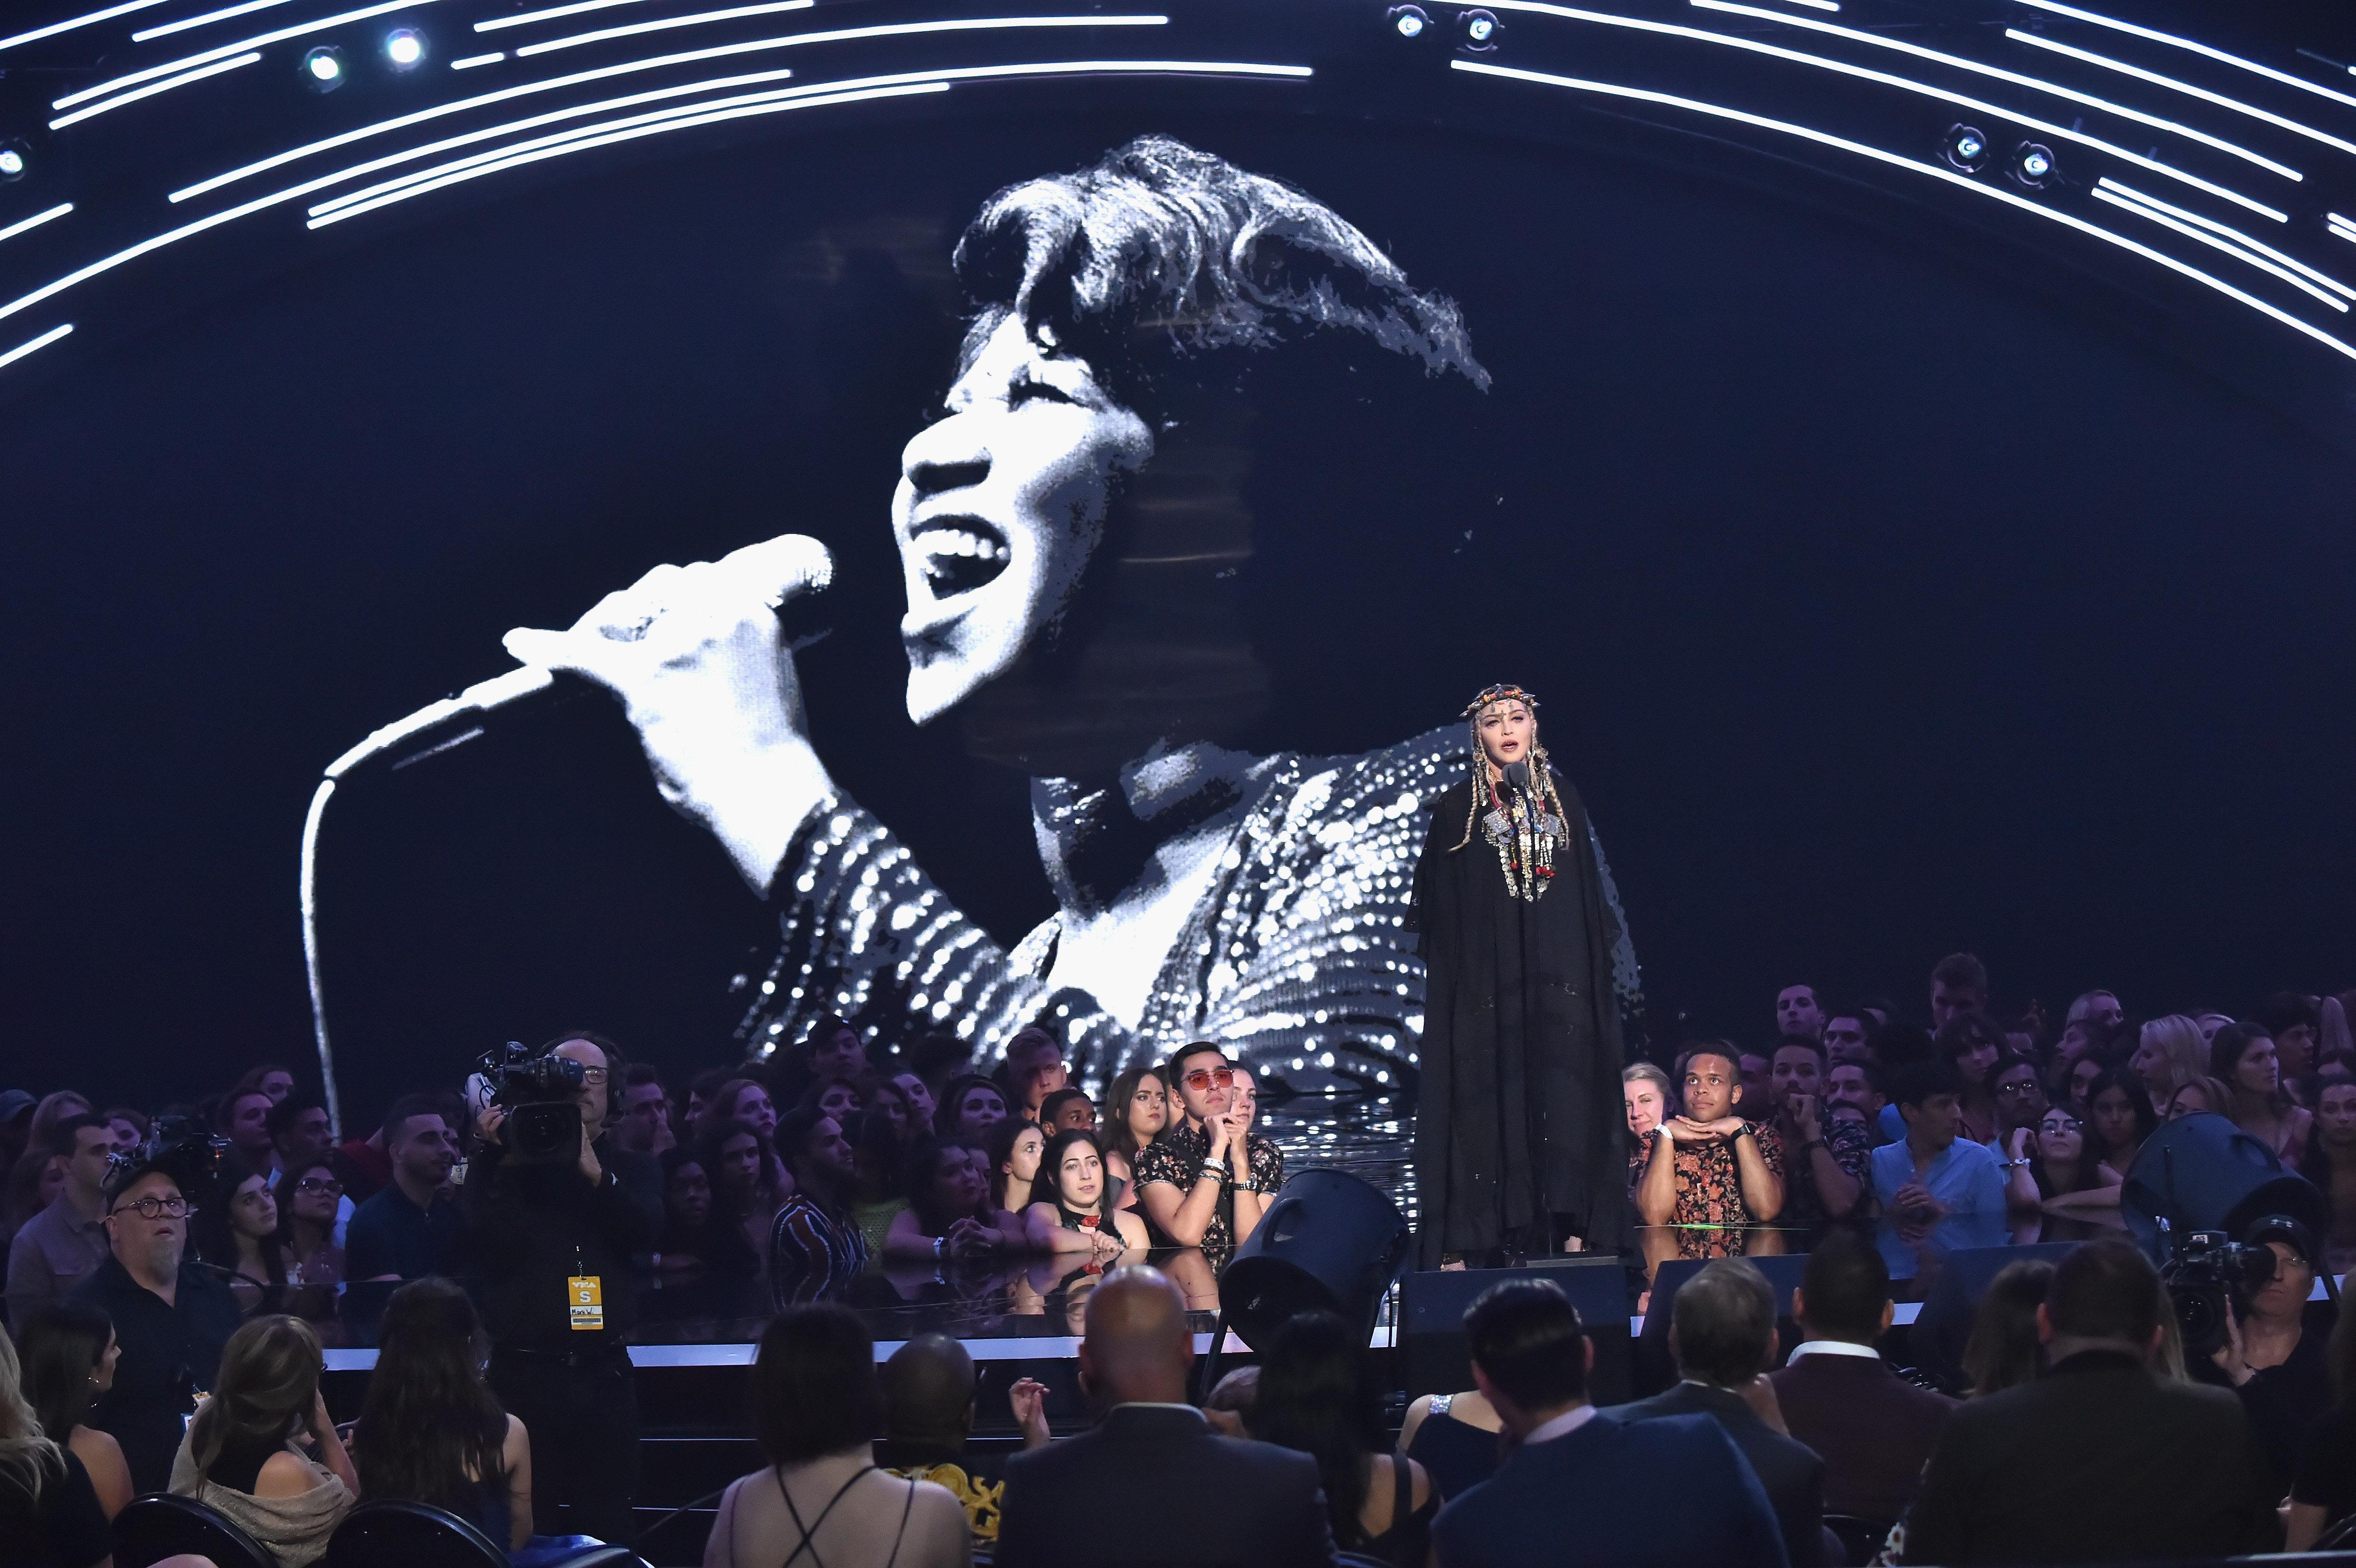 Βραβεία MTV: Γιατί όλοι τα έχουν βάλει με την